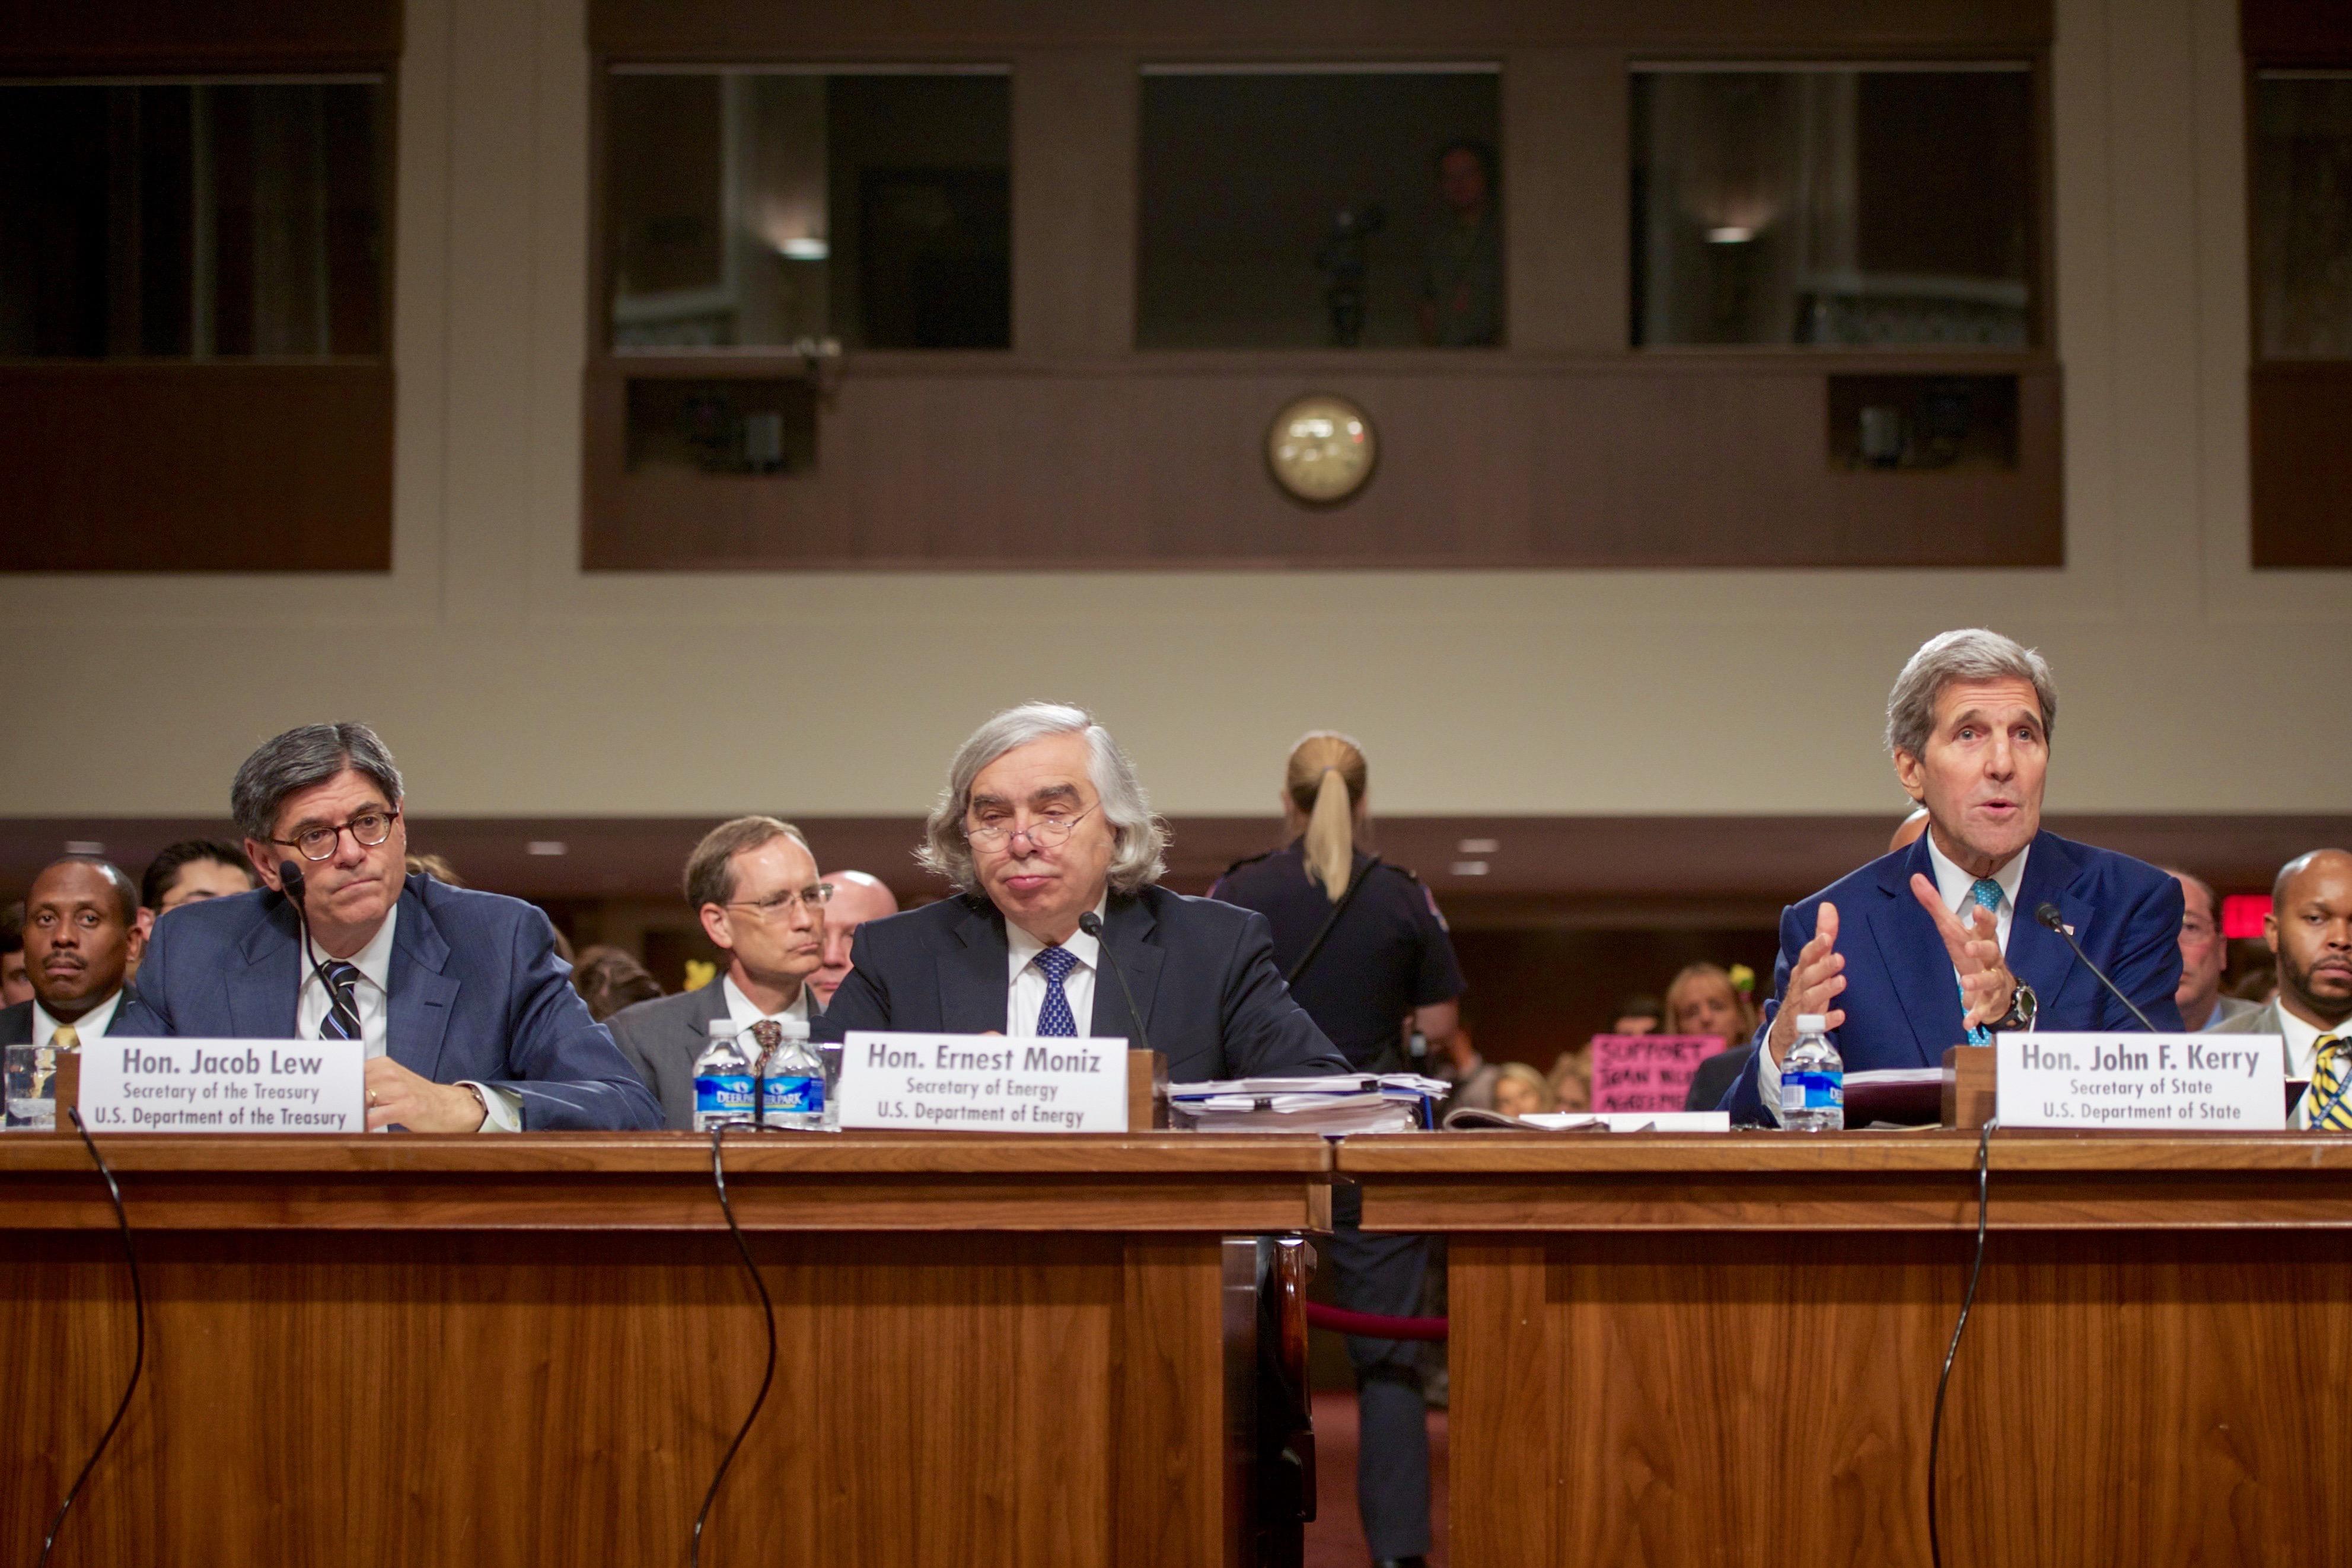 Trzej sekretarze gabinetu Baracka Obamy zeznają przed komisją senacką w sprawie JCPOA (U.S. Department of State)